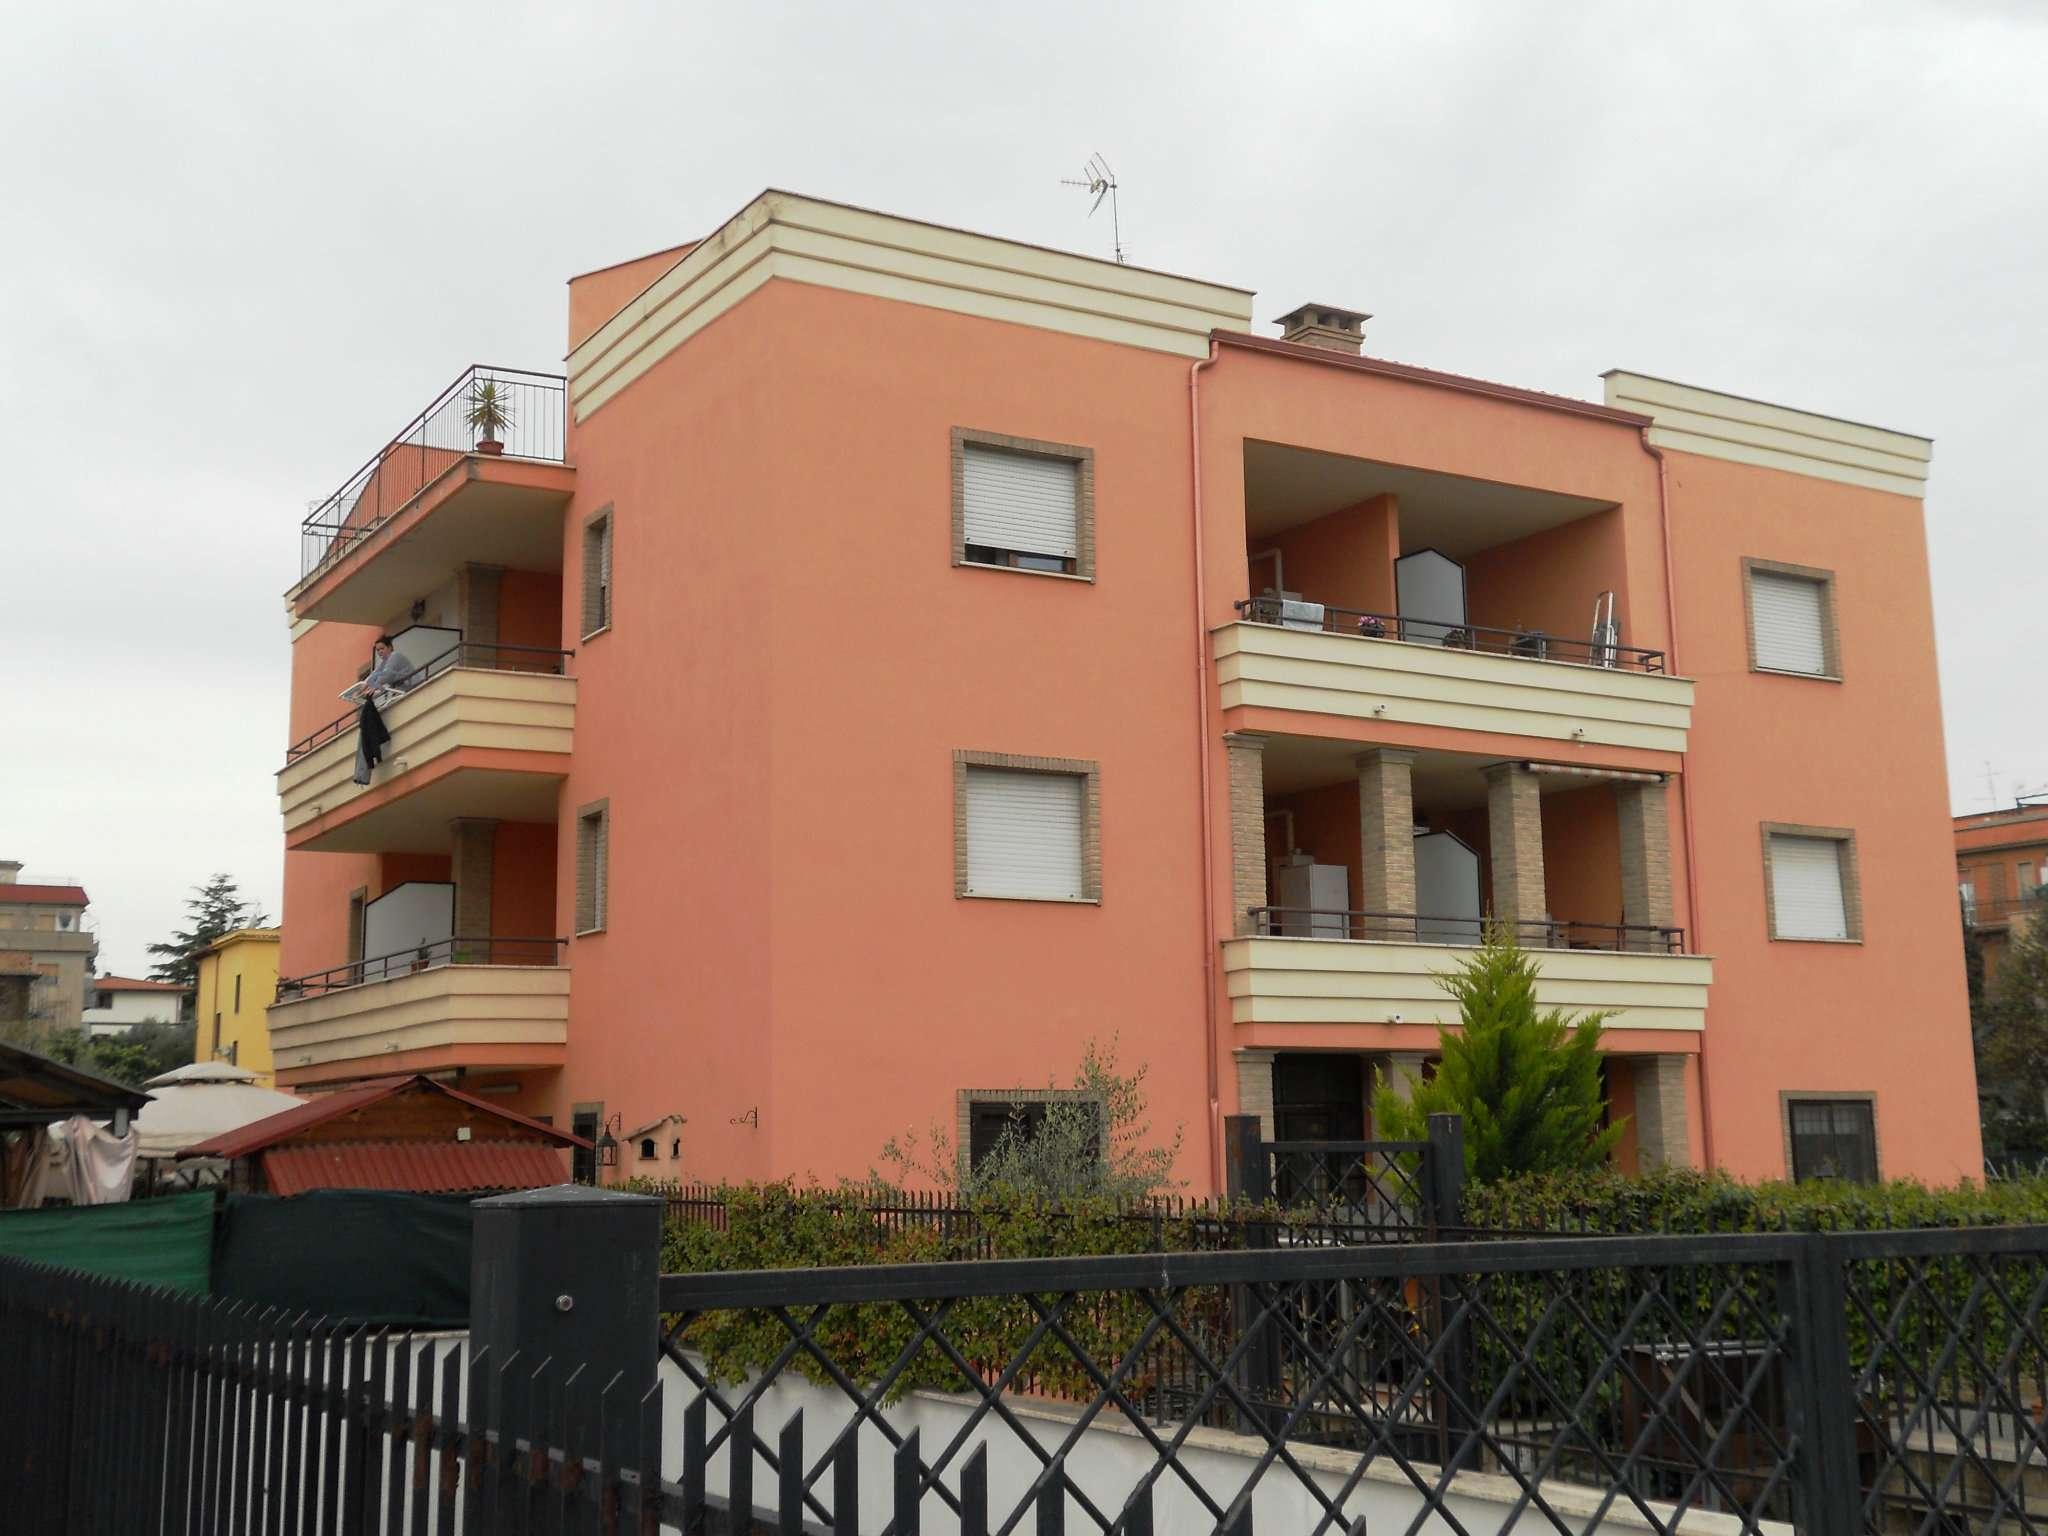 Bilocale affitto roma via casalanguida for Cerco locale in affitto a roma